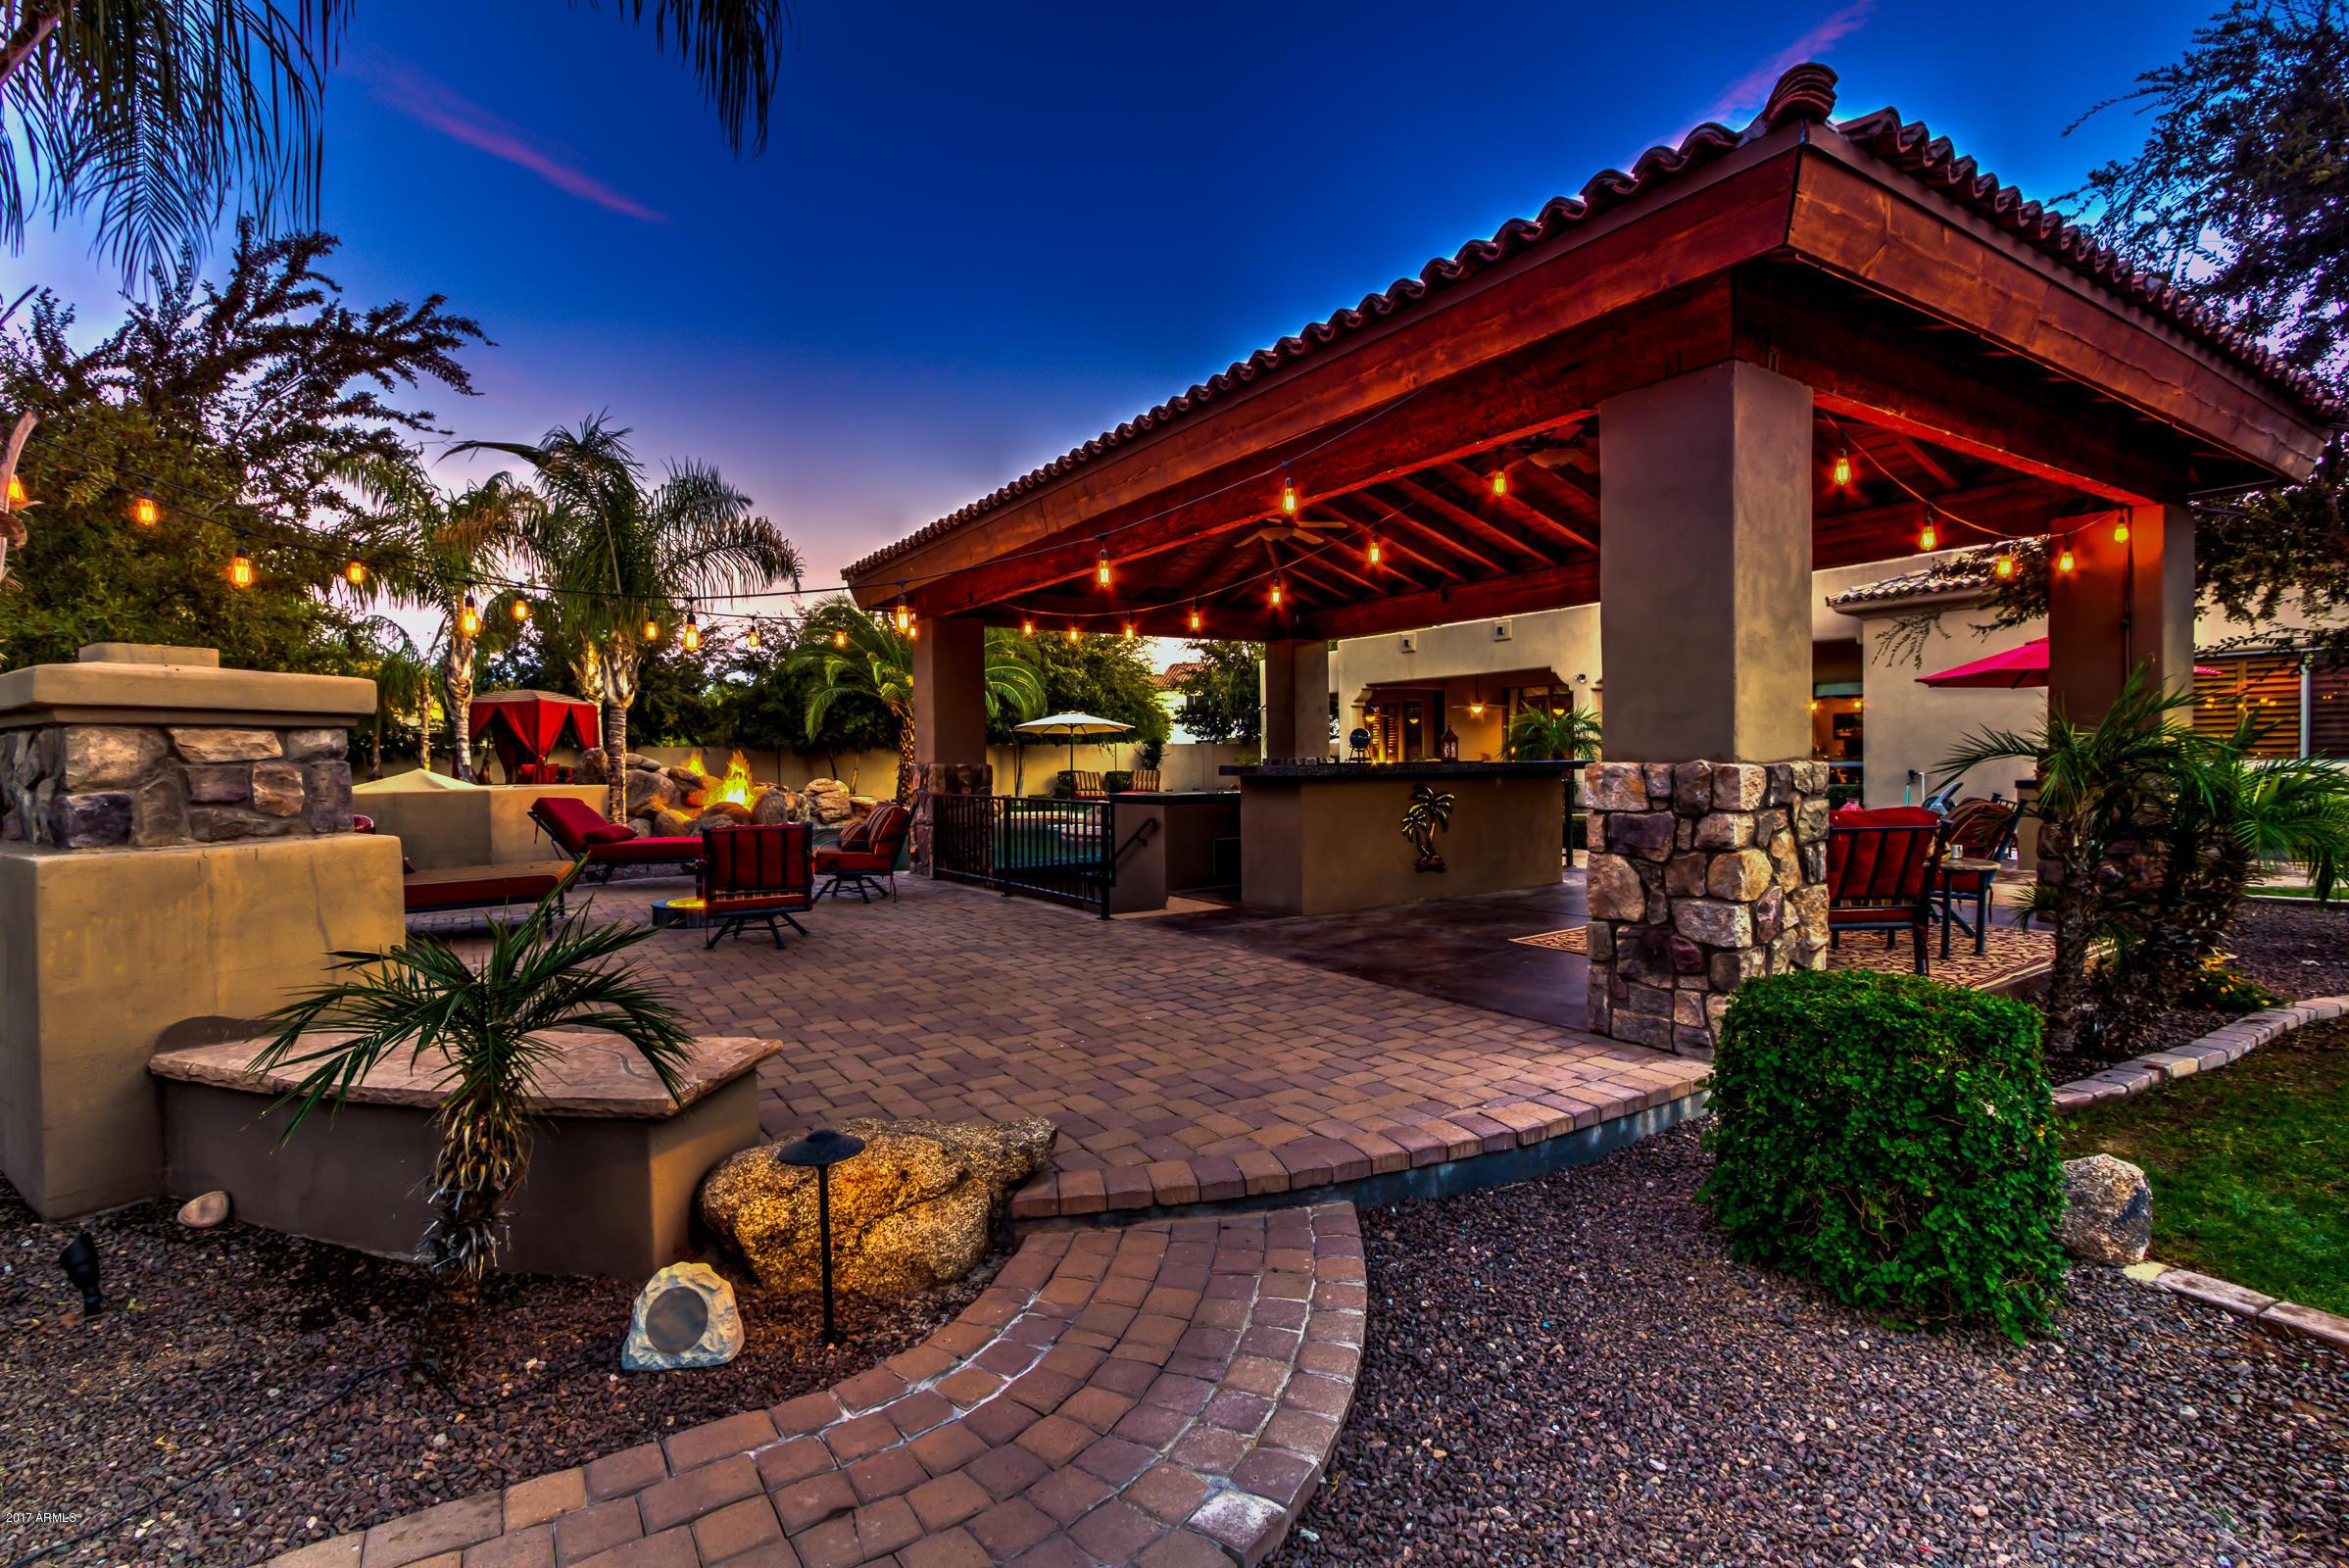 MLS 5690235 12506 E HAYMORE Court, Chandler, AZ 85249 85249